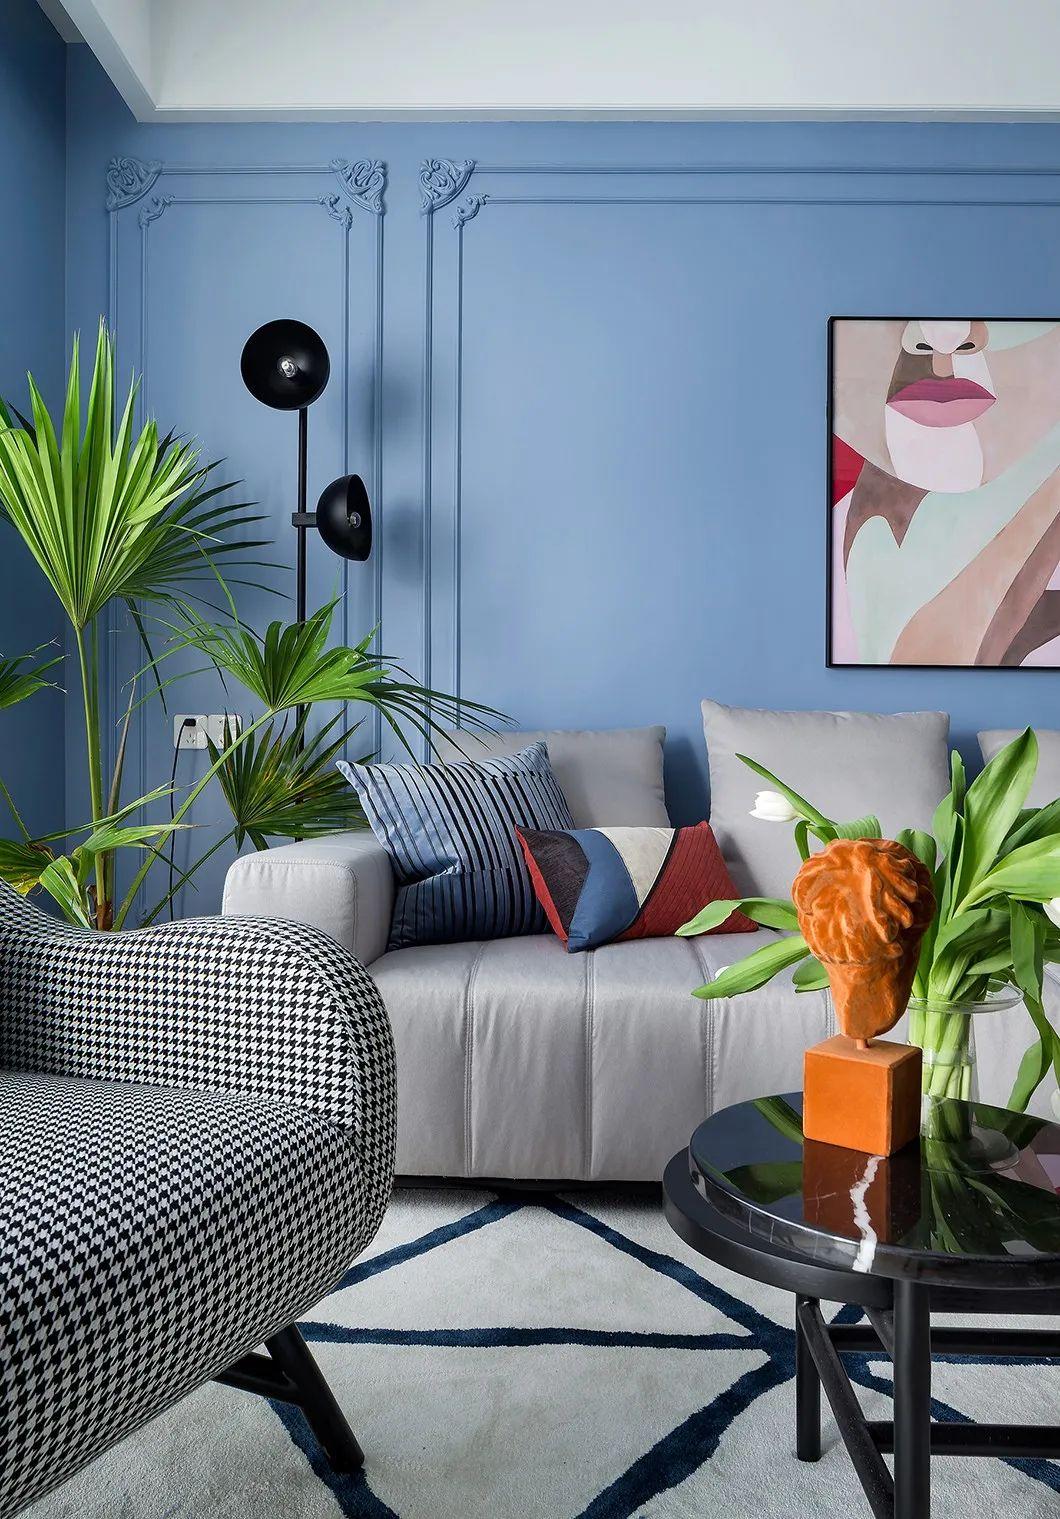 150㎡现代,通过异域风情的设计细节与搭配,让空间呈现出一种独特的艺术设计效果